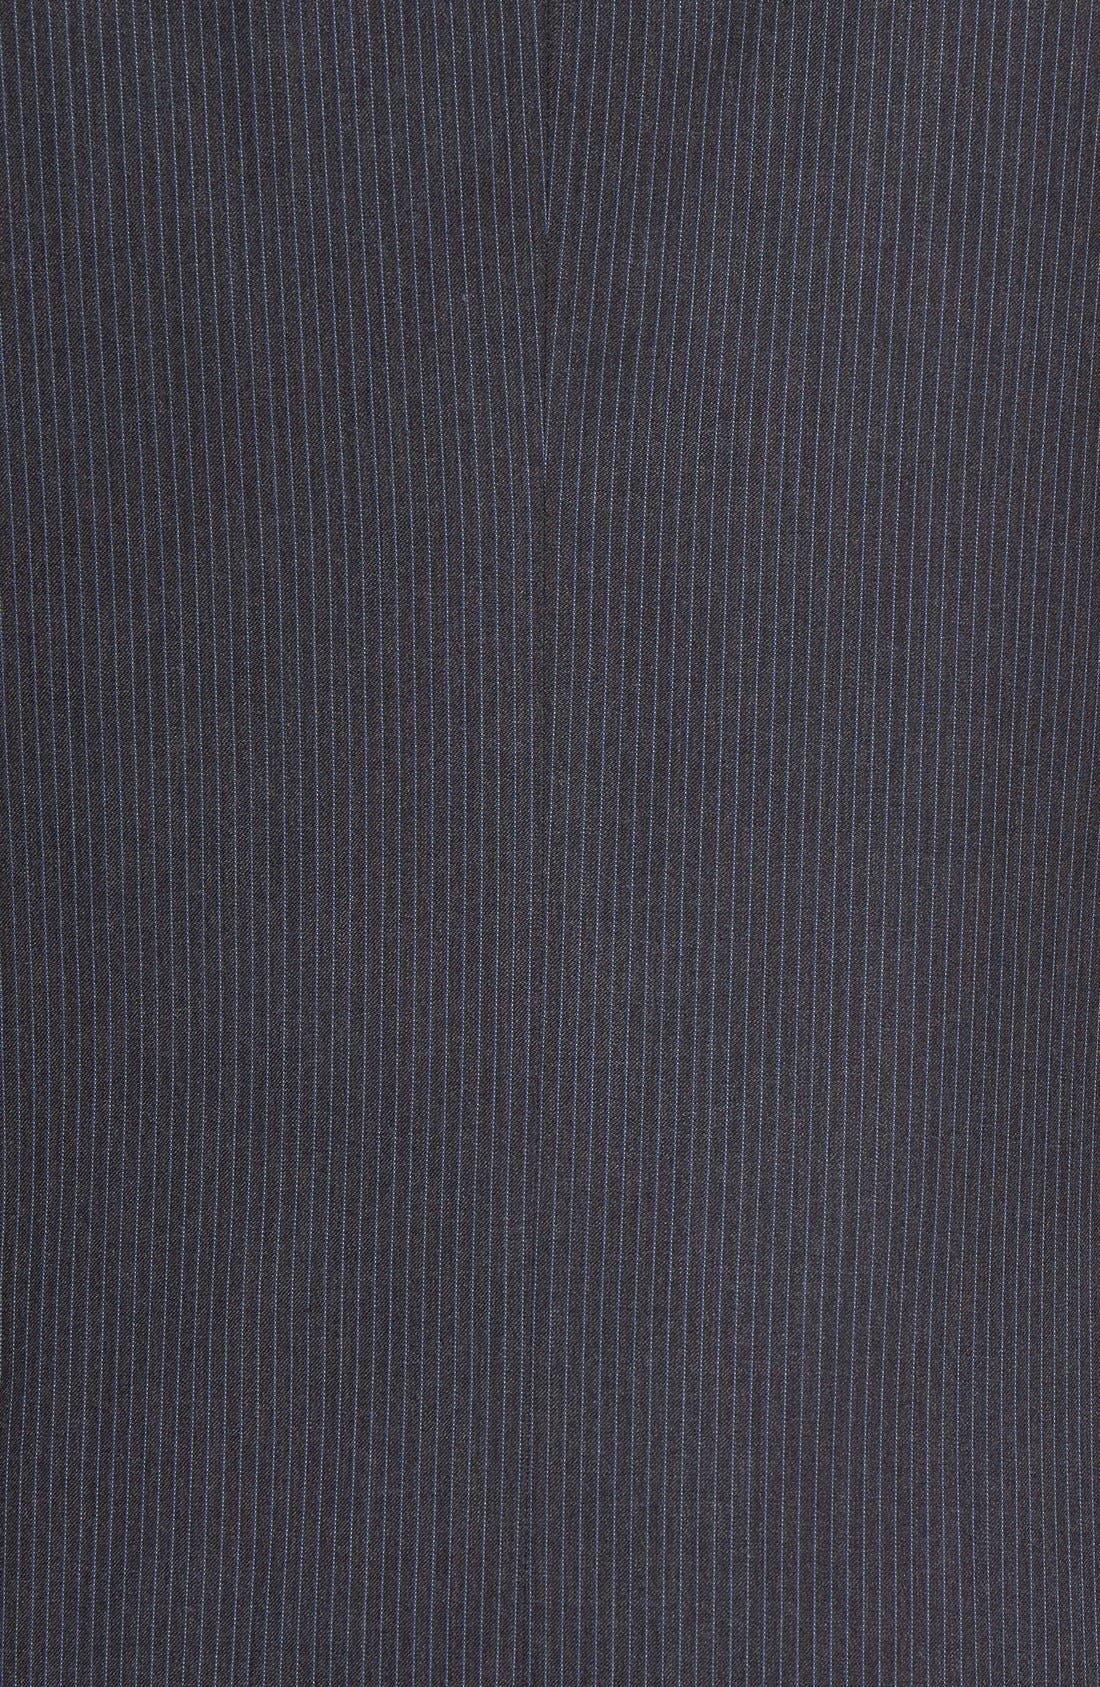 Trim Fit Stripe Wool Suit,                             Alternate thumbnail 7, color,                             025